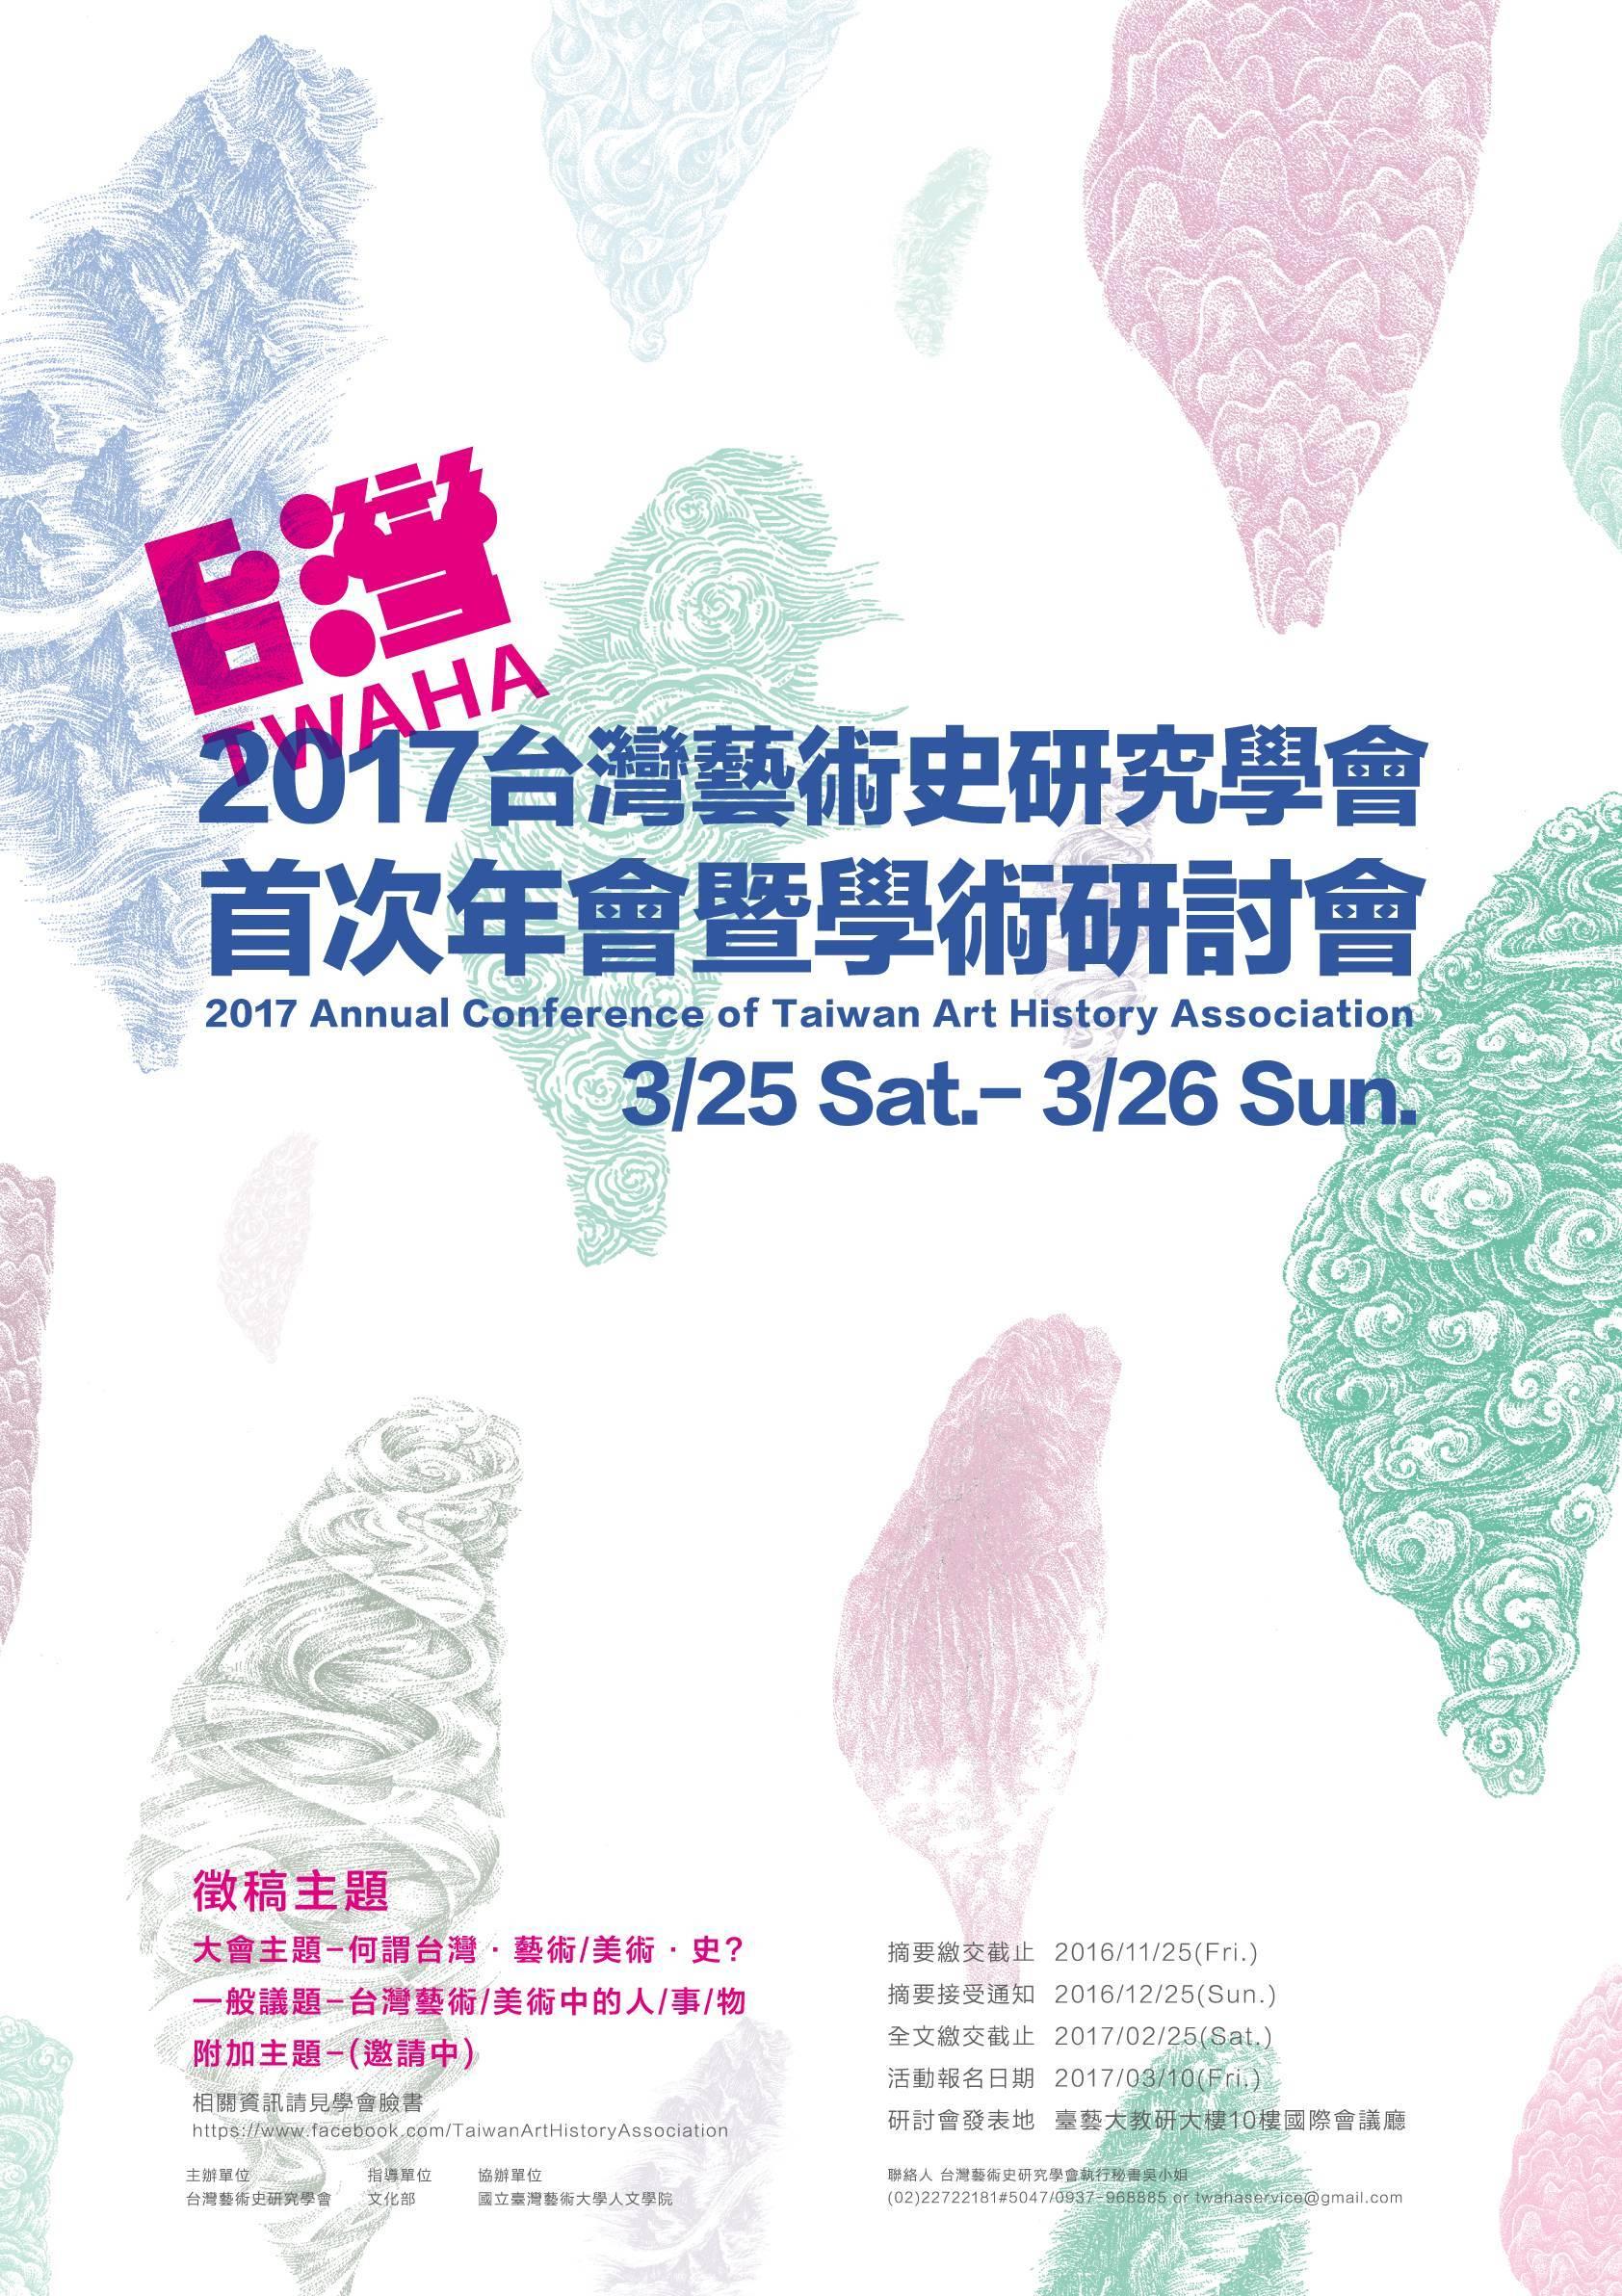 2017台灣藝術史研究學會首次年會暨學術研討會海報